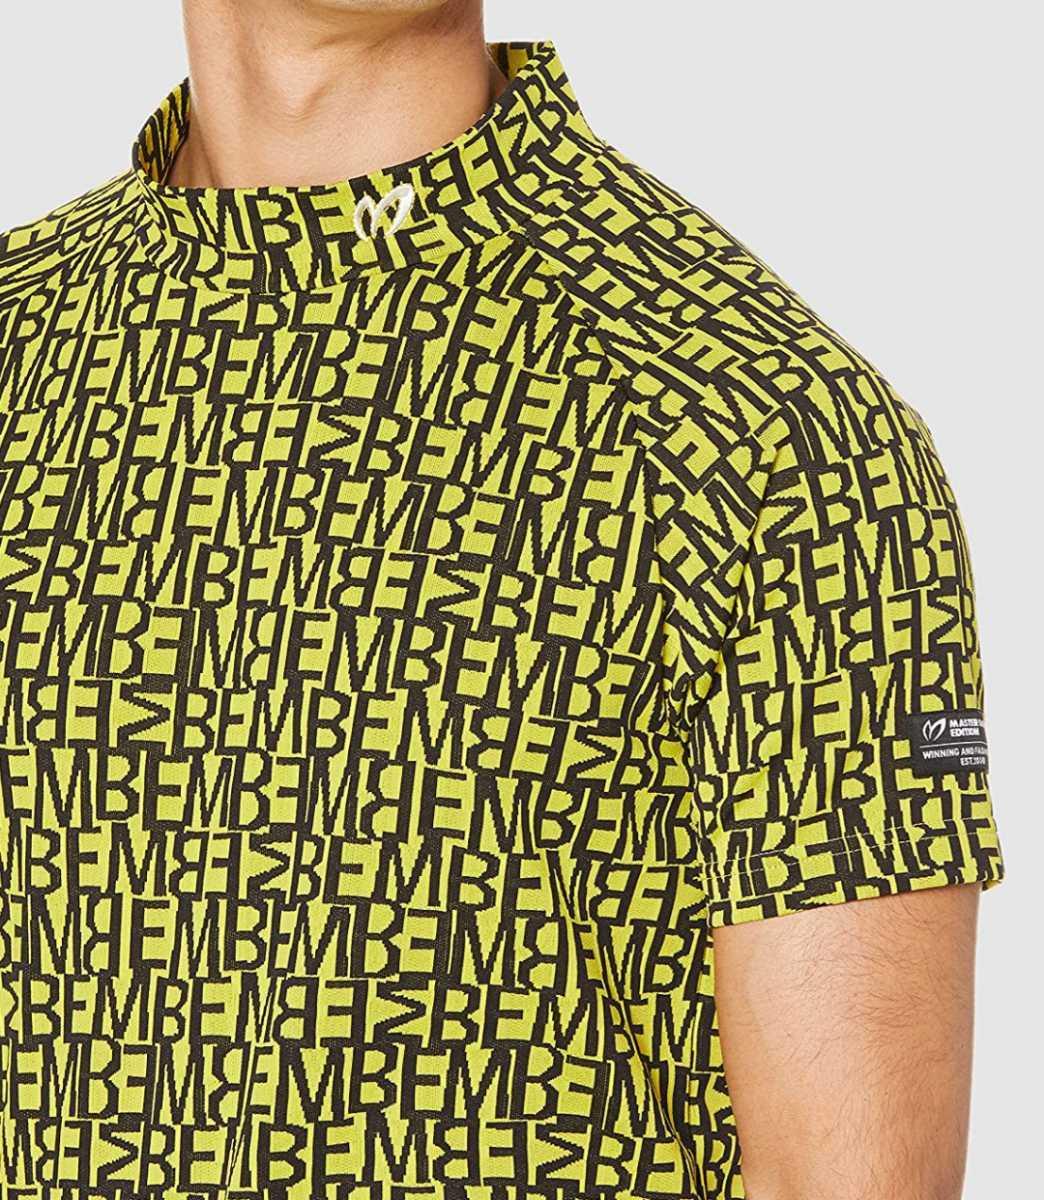 新品正規品 マスターバニー パーリーゲイツ サイズ5 総柄ロゴ ジャガード 軽量 ハイネック シャツ イエロー 送料無料_画像4